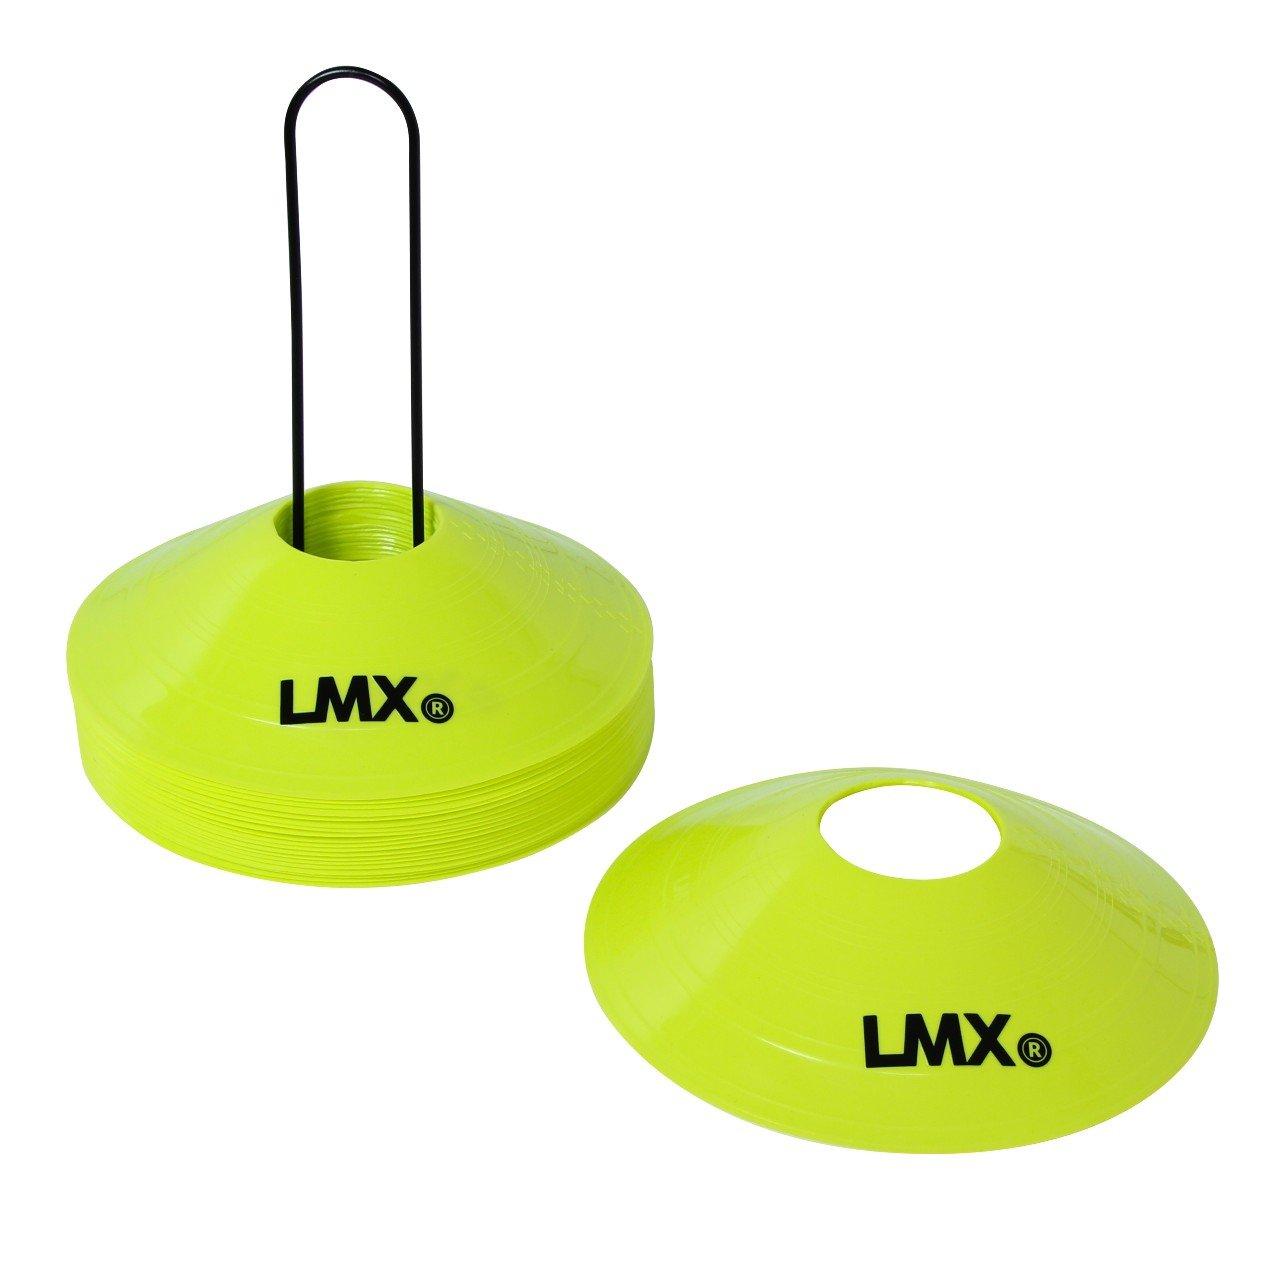 LMX. Træningskegler (20 stk.)